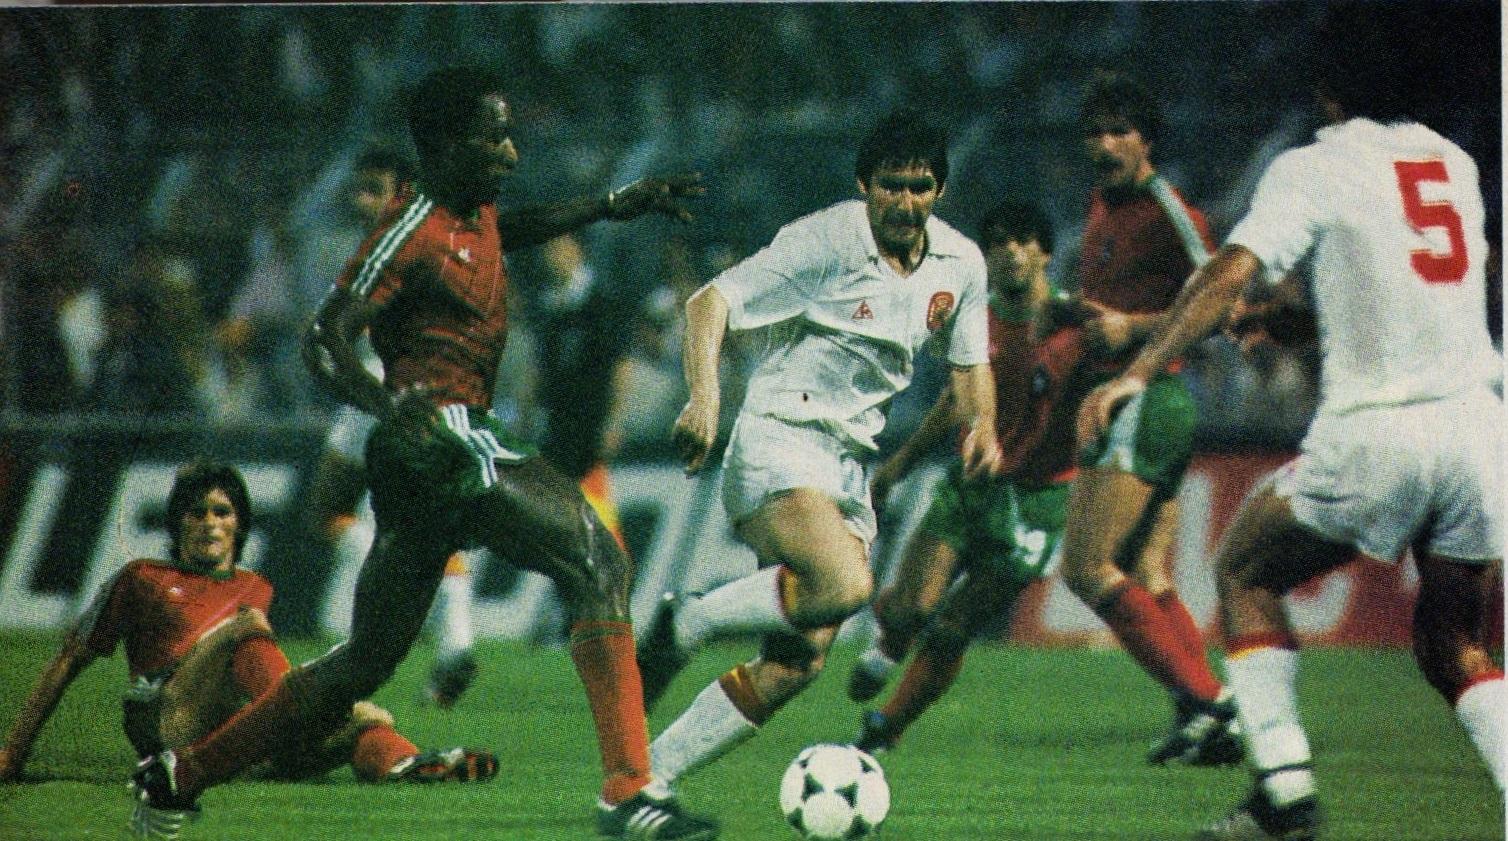 idokapszula_1984_franciaorszagi_labdarugo_europa-bajnoksag_csoportkorok_spanyolorszag_portugalia_jordao_urquiaga_goicoechea.jpg